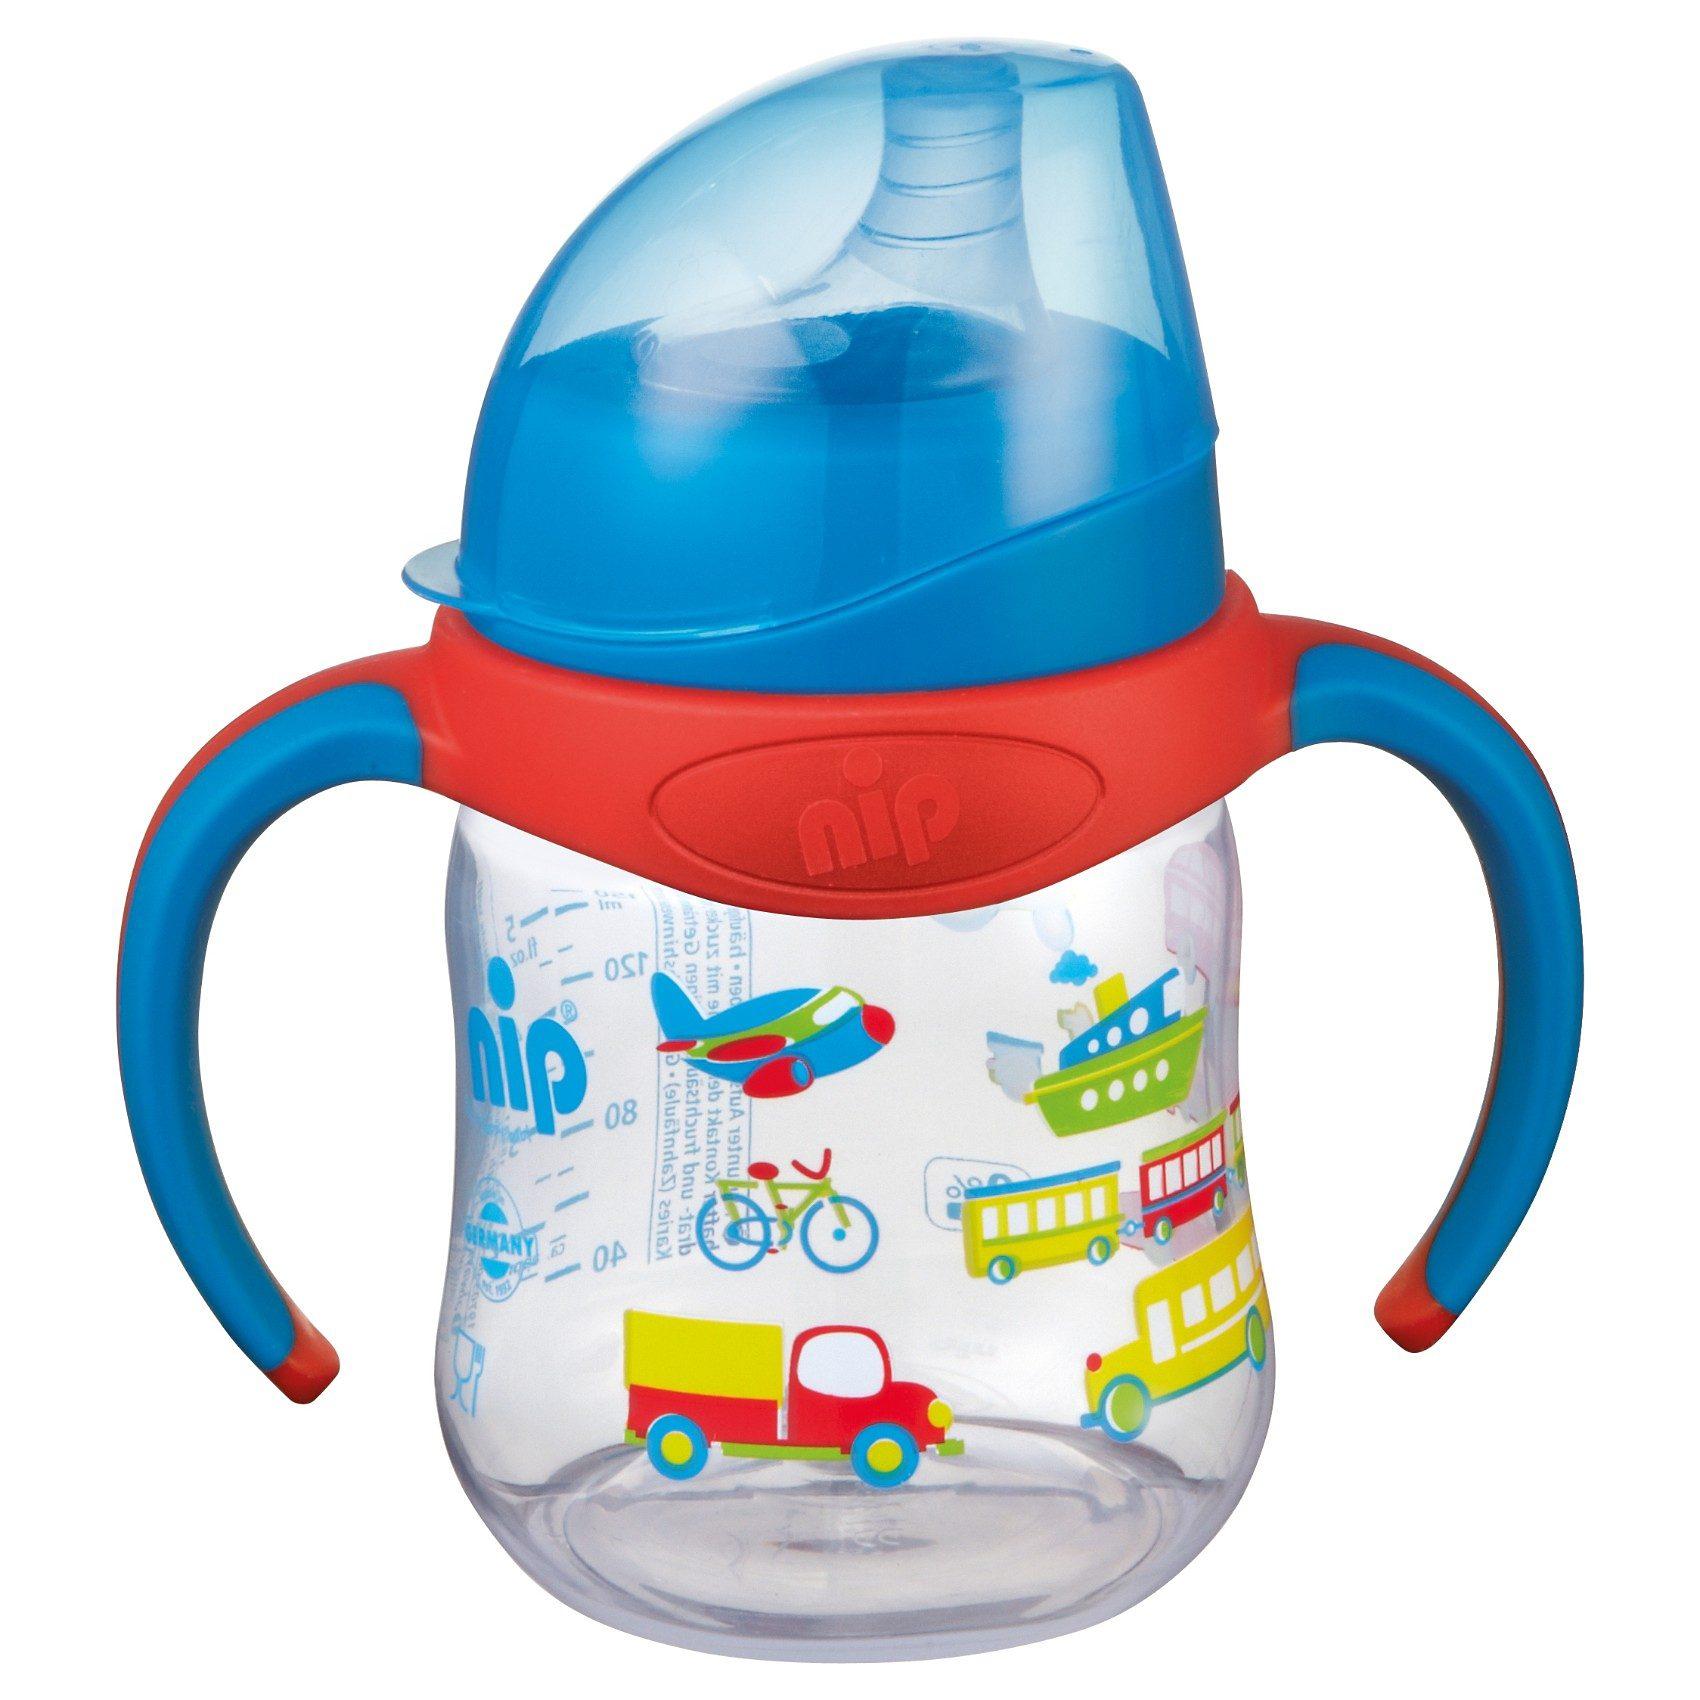 Nip Trinklernflasche, PP, 150 ml, Silikon-Trinktülle, blau